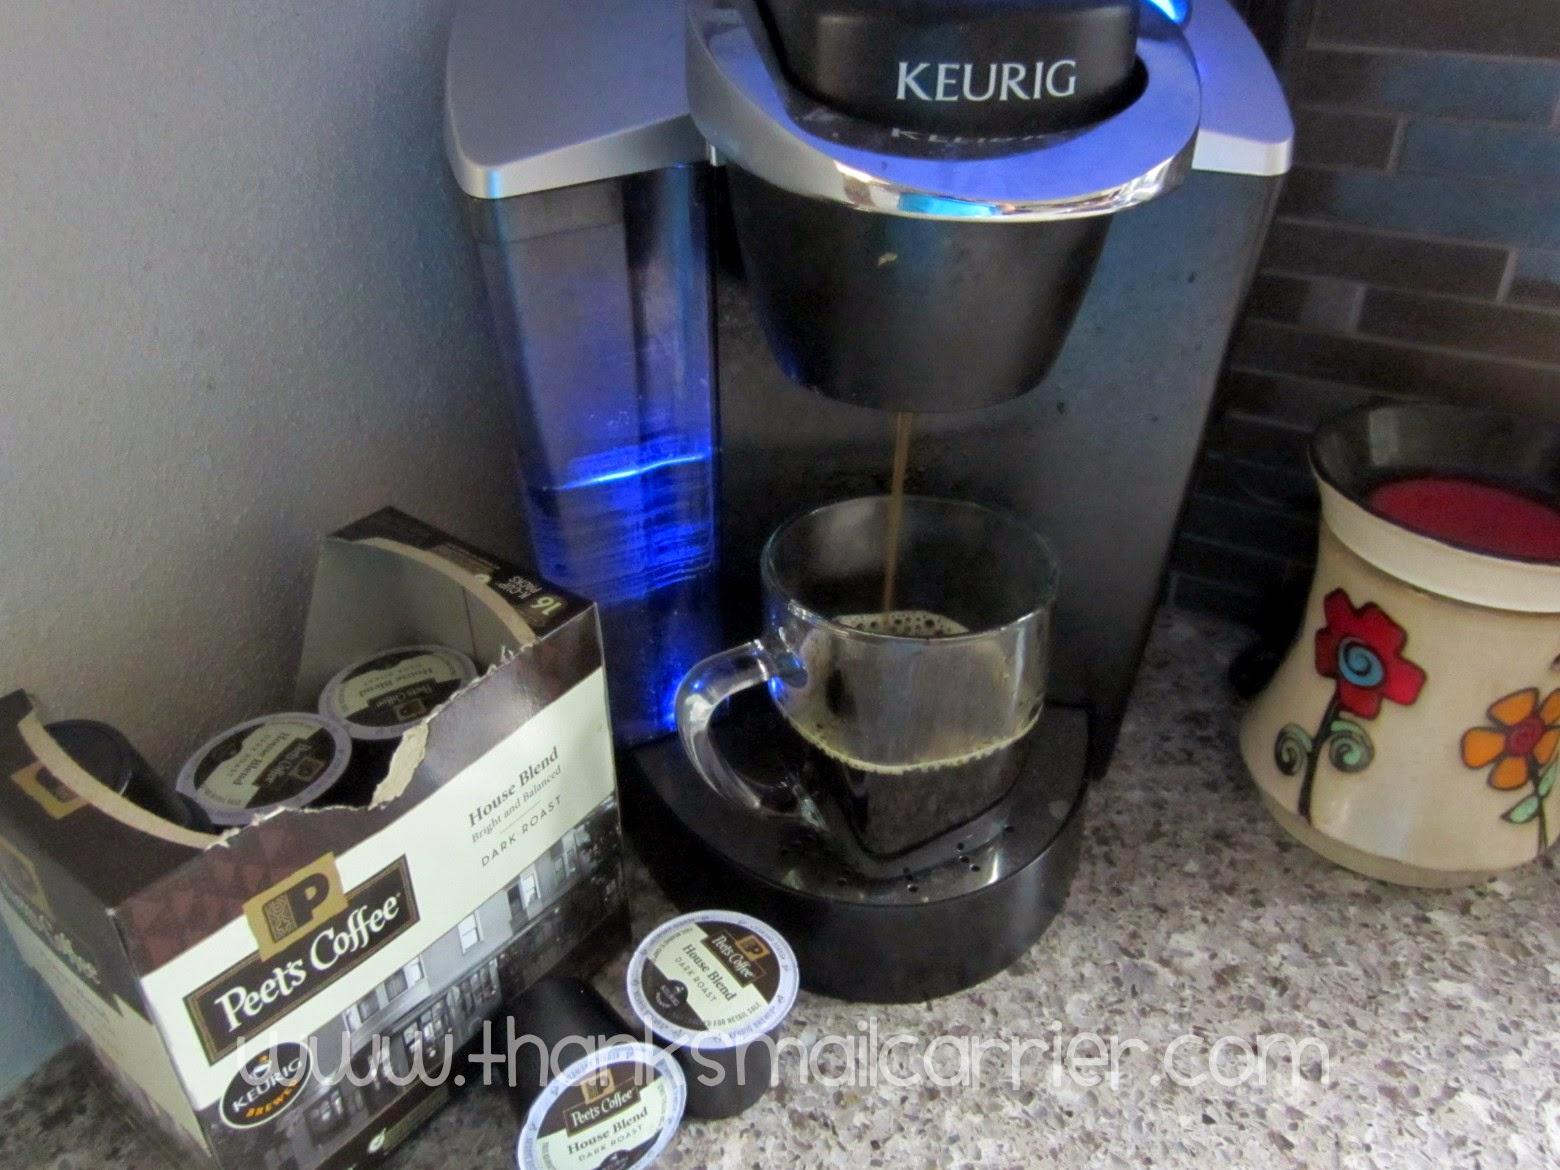 Peet's k-cups